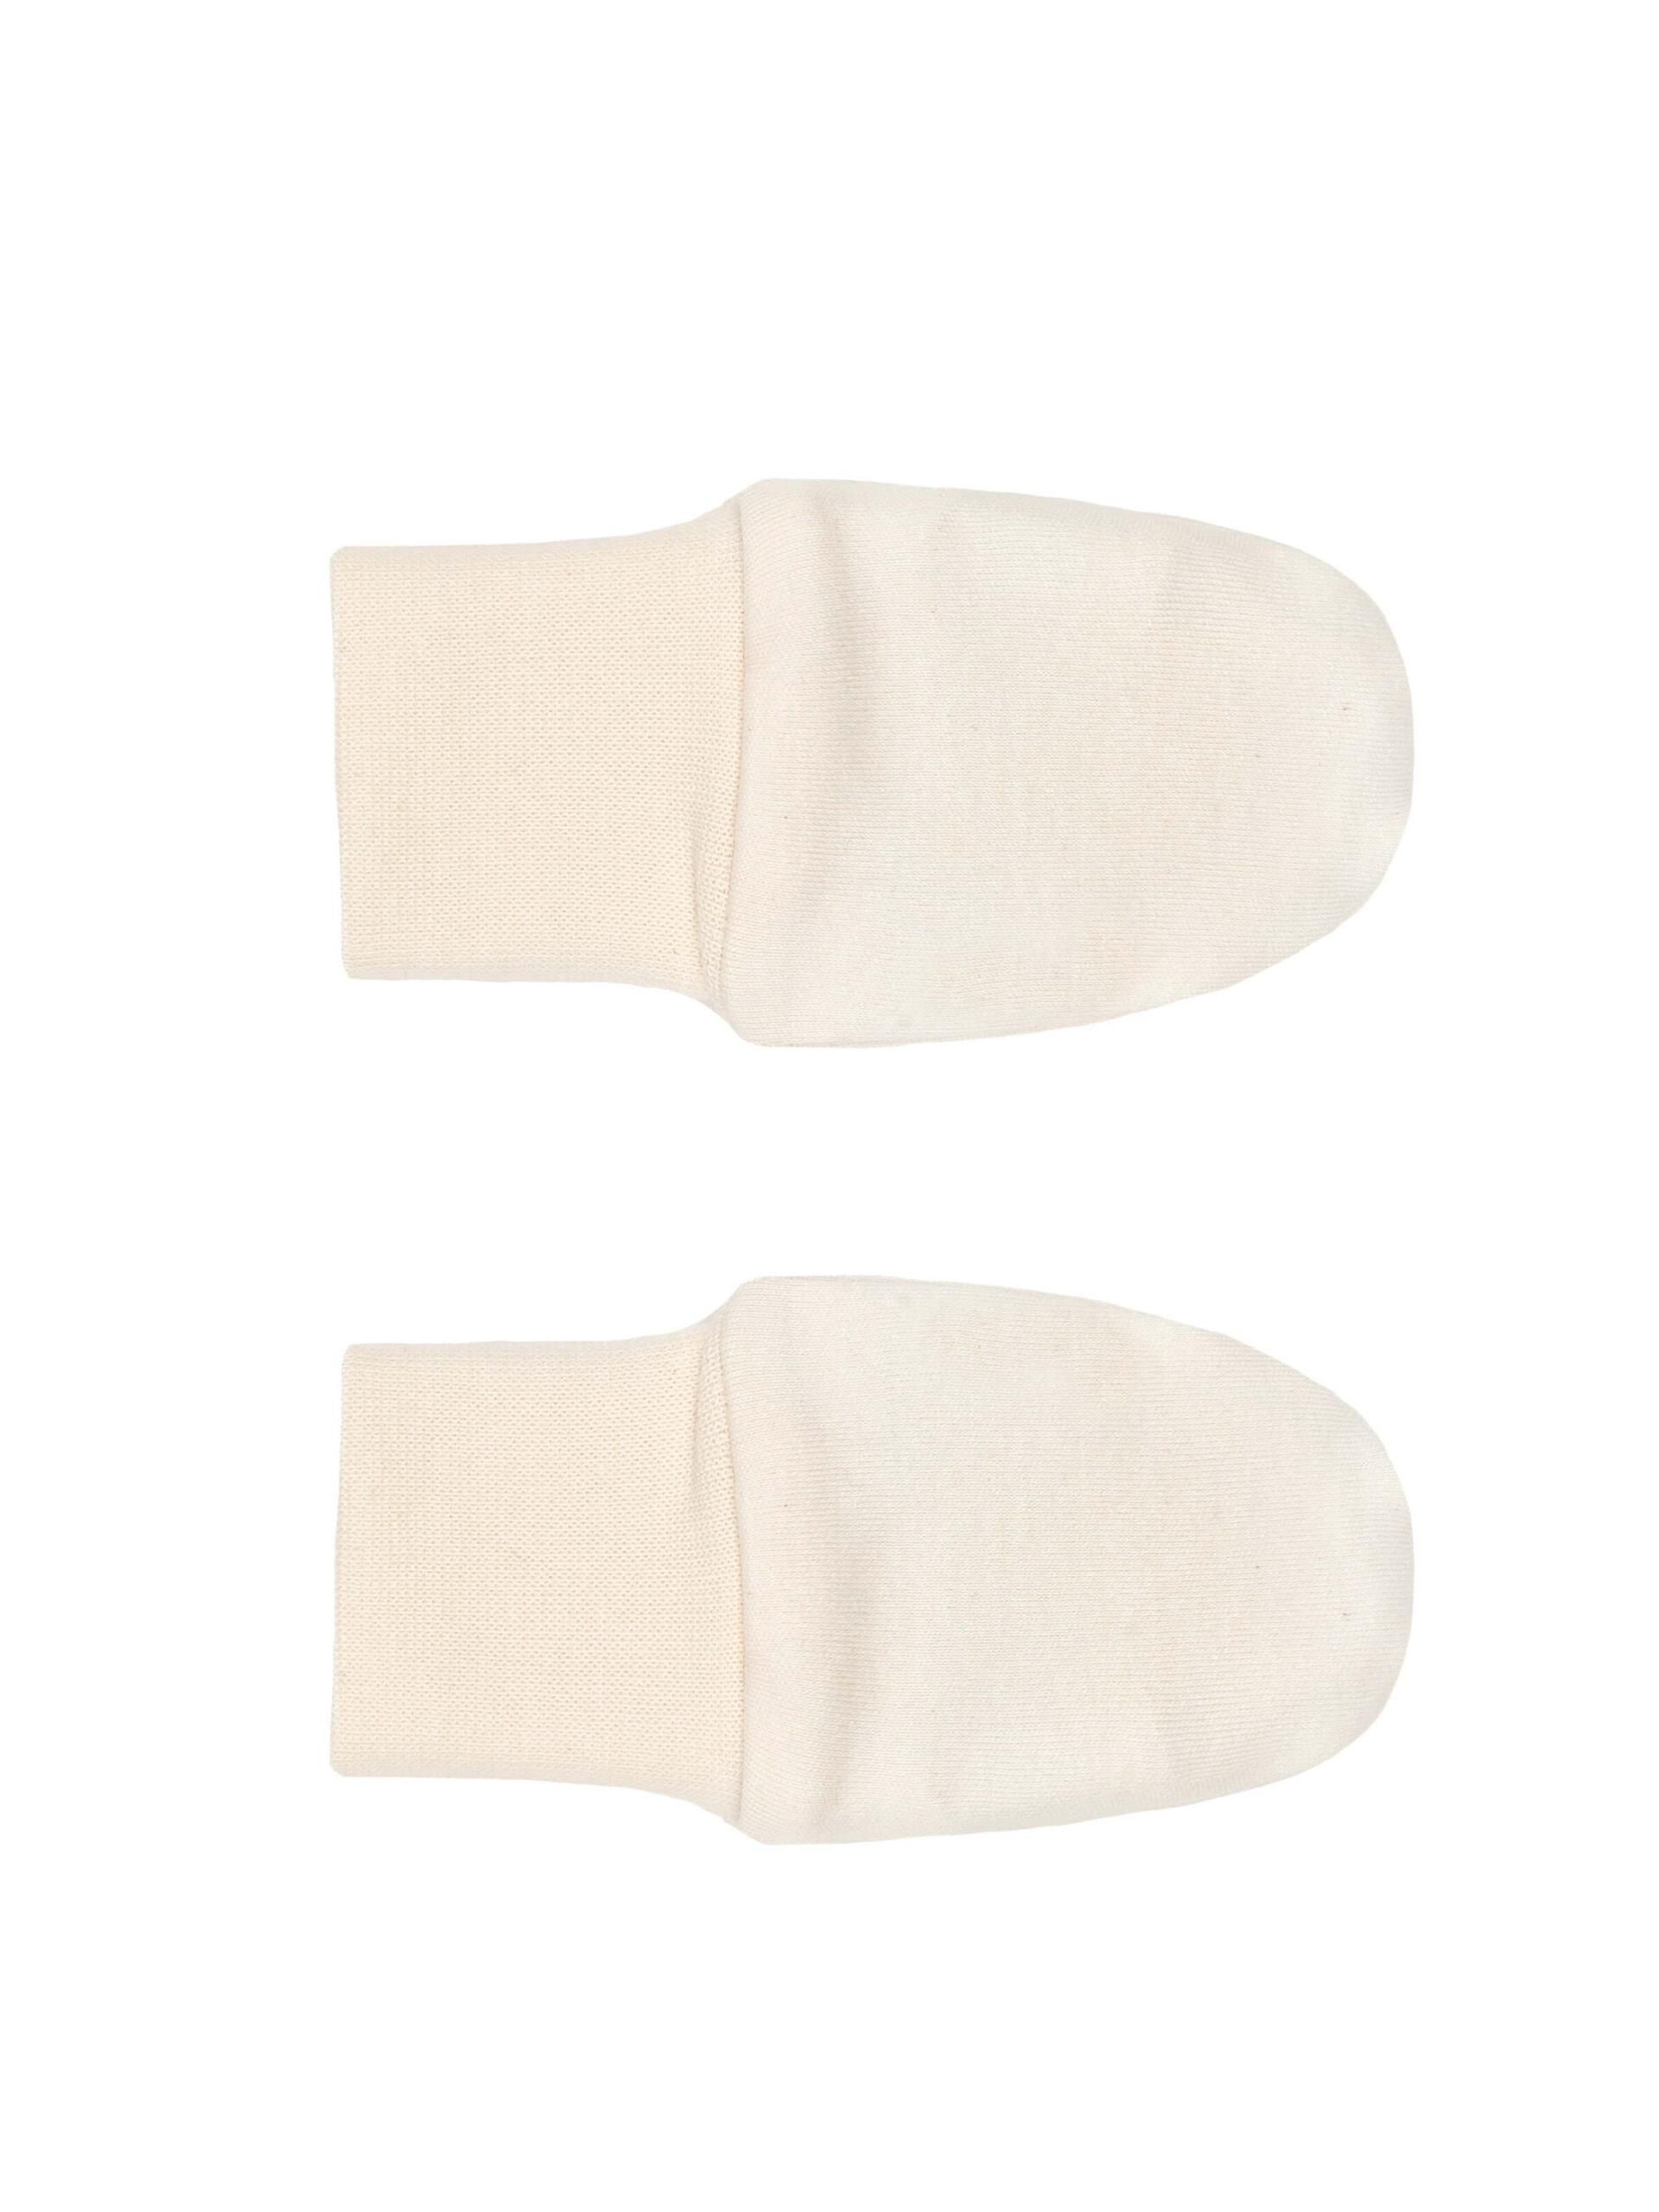 Handschuhe für Neugeborene – bringen die wirklich etwas?